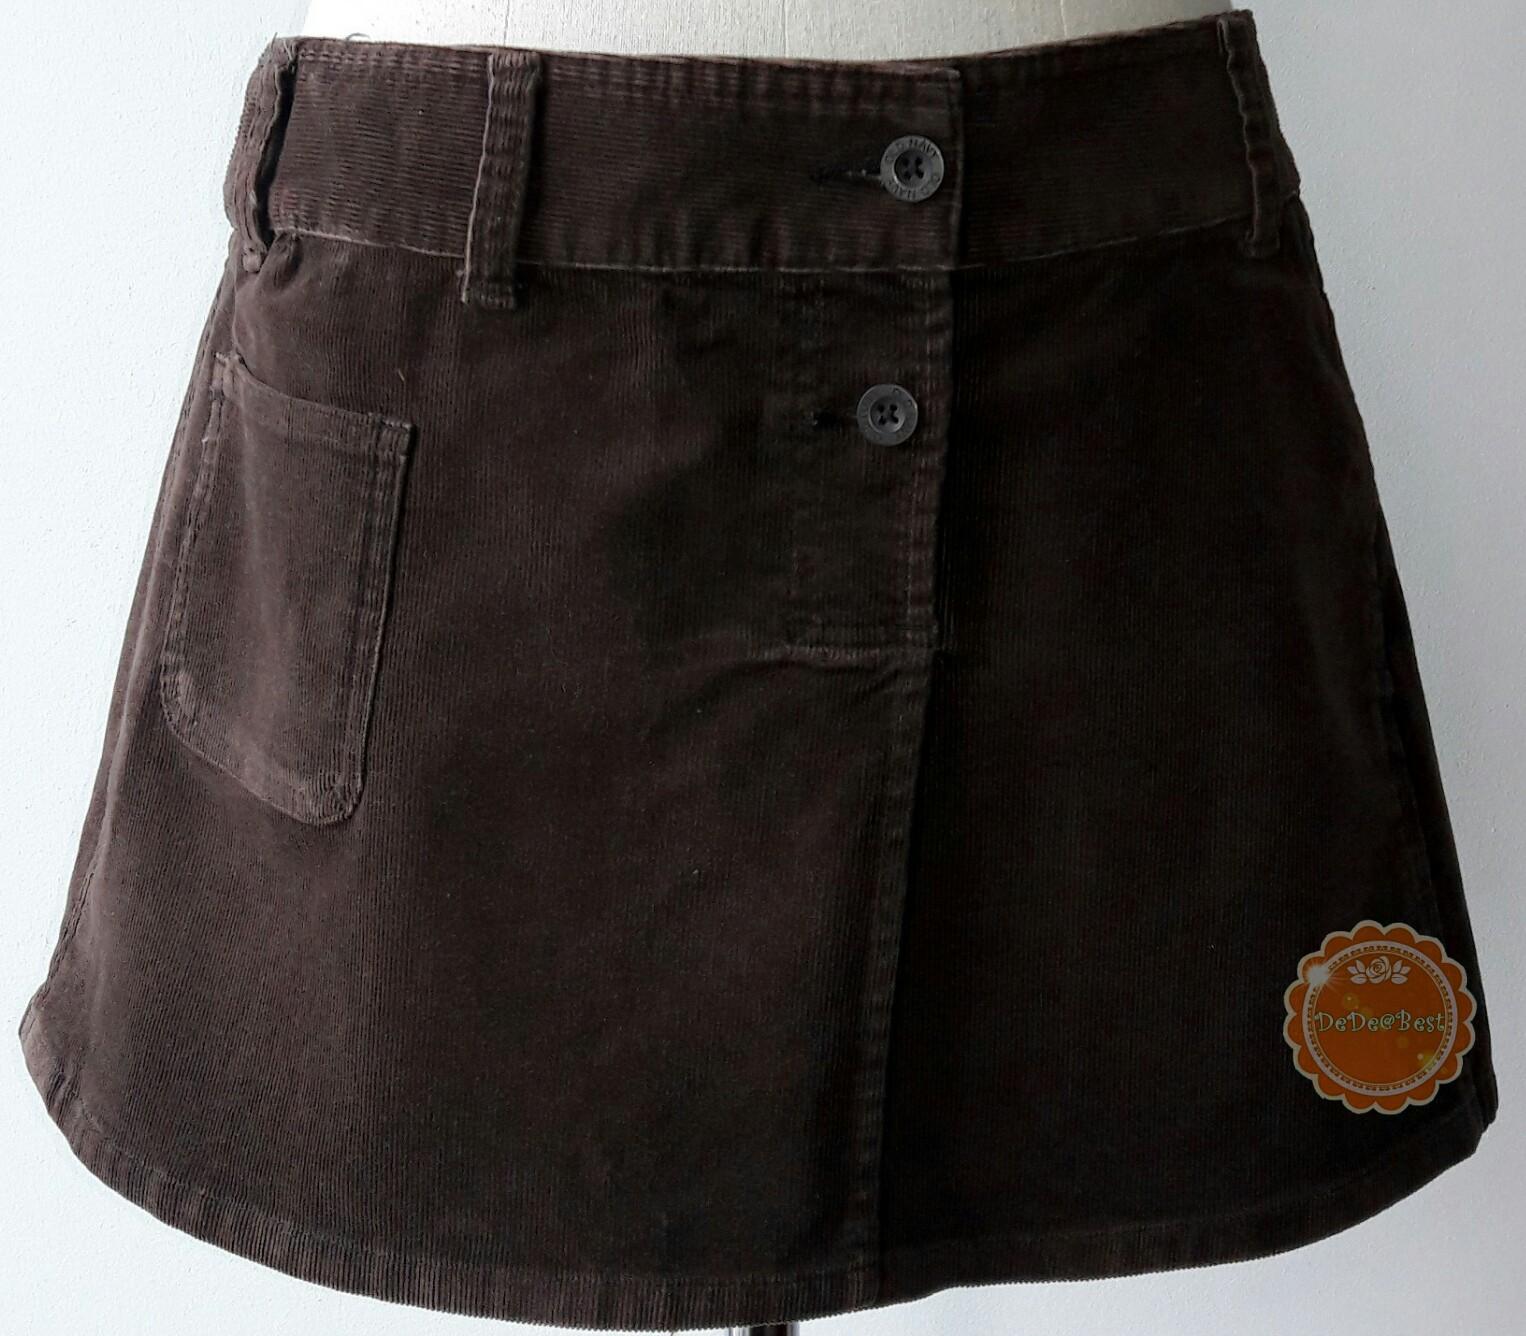 ขายแล้วค่ะ S6:2nd hand skirt กระโปรงผ้าลูกฟูกสีน้ำตาลเข้มทรงน่ารัก❤